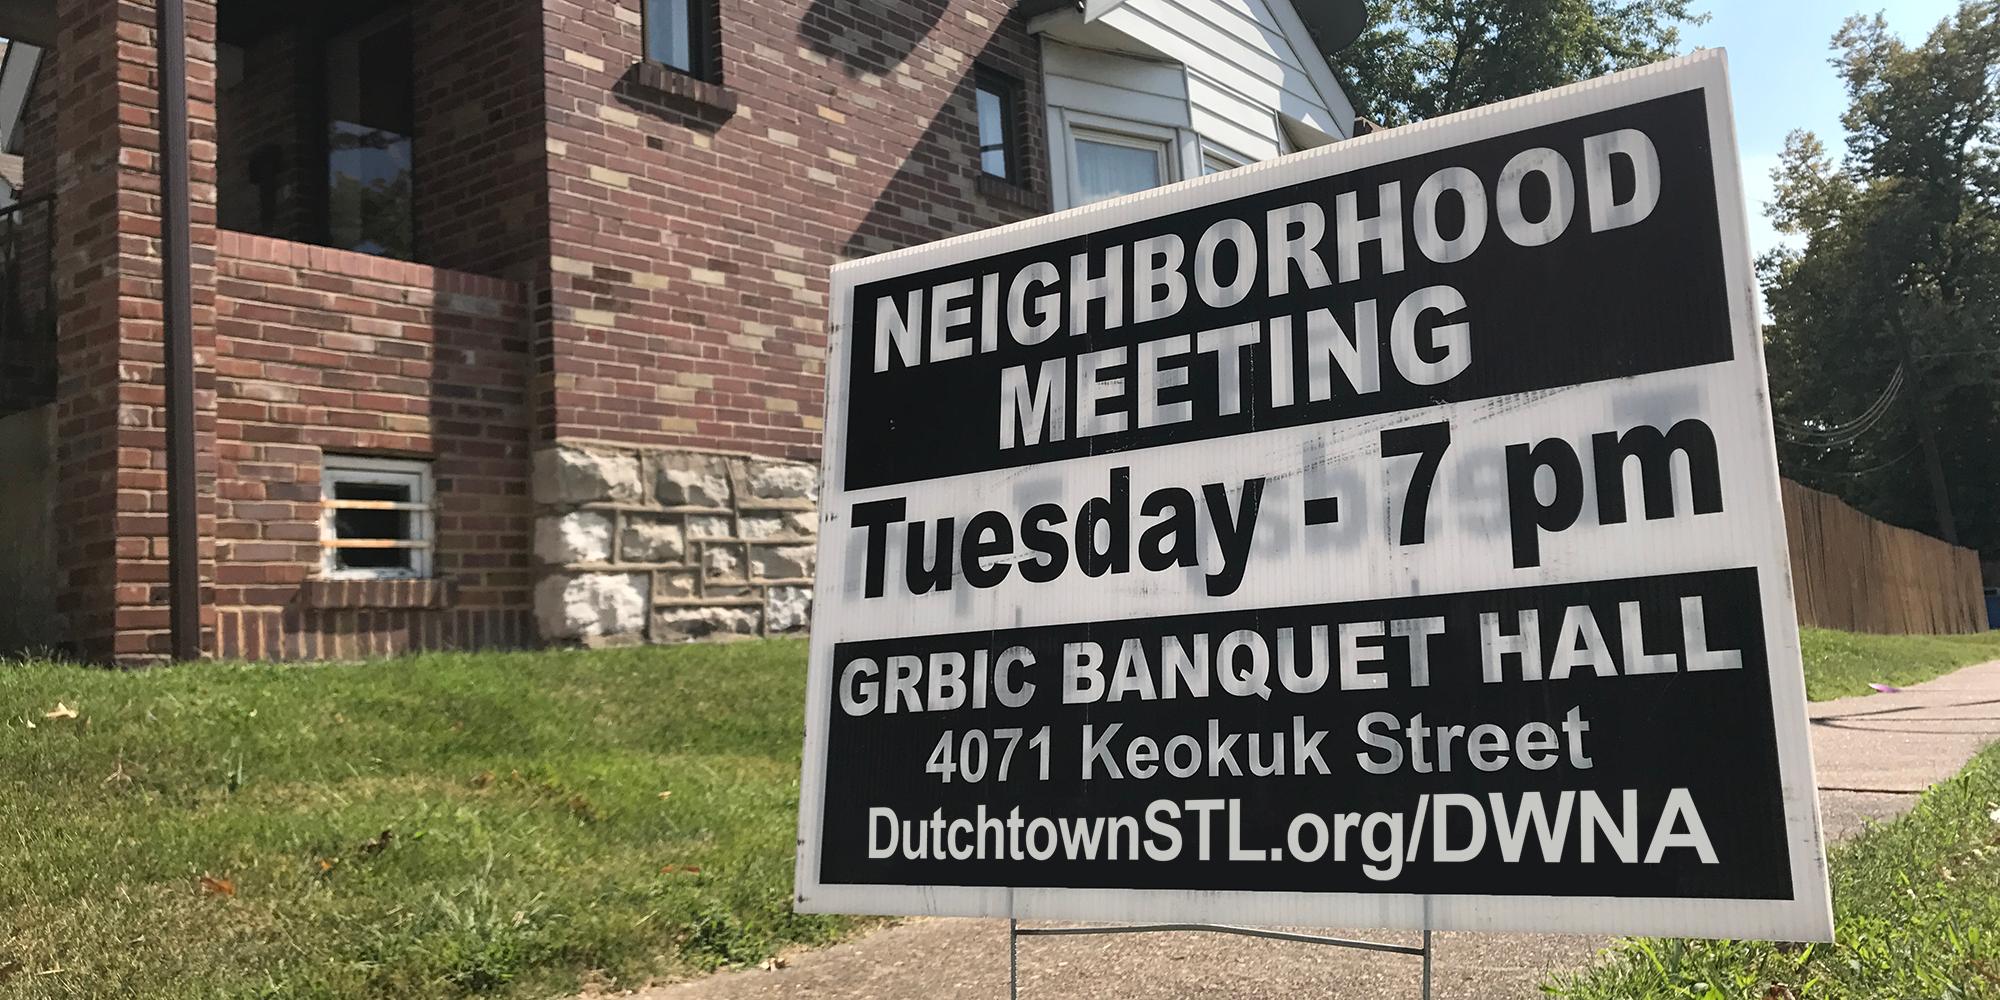 25th Ward Traffic Study Meeting